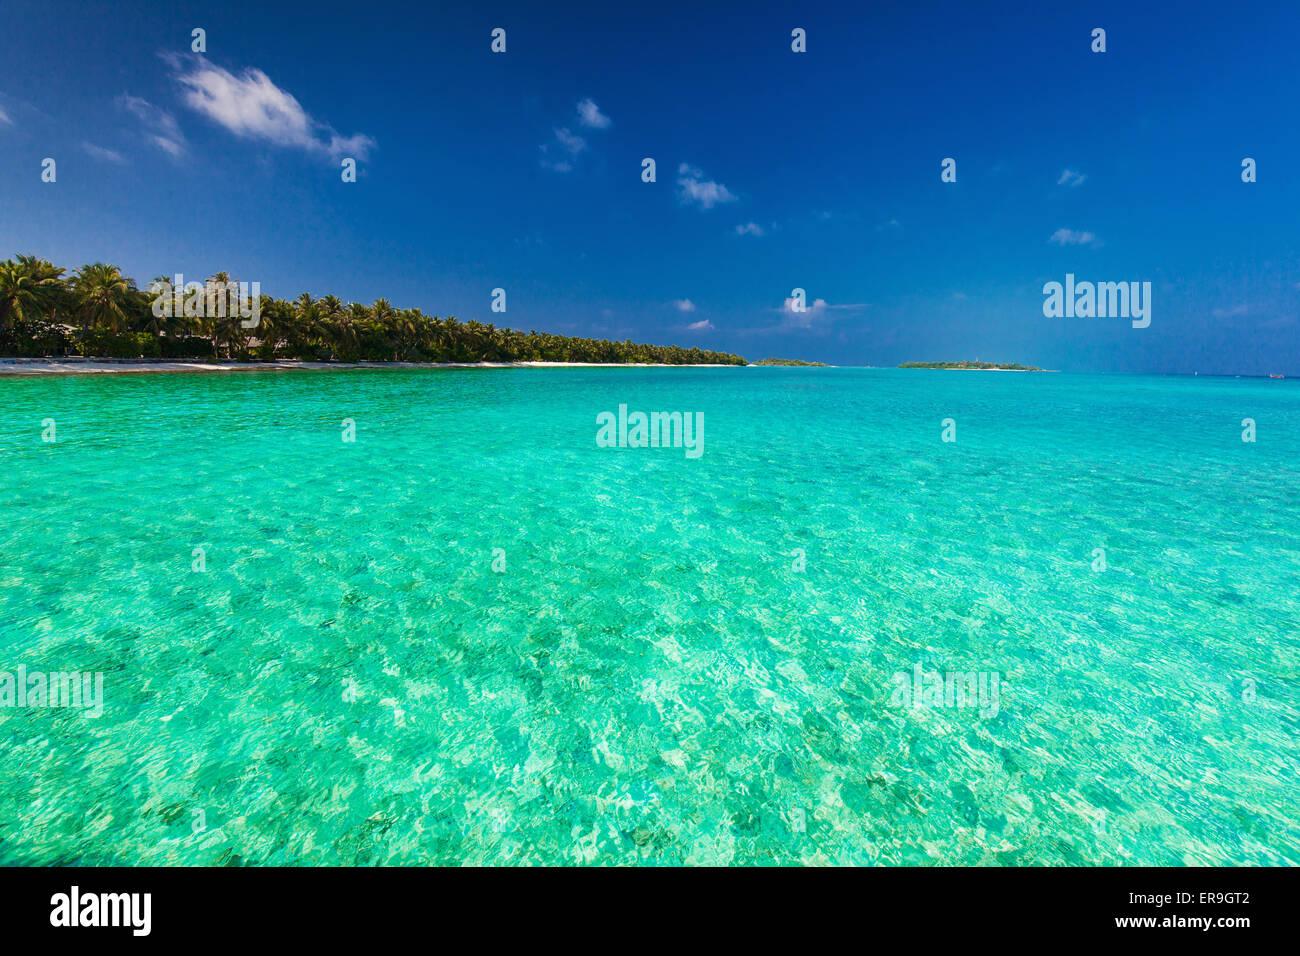 Tropischen Insel mit Sandstrand, klarem Himmel und unberührte Wasser Stockbild